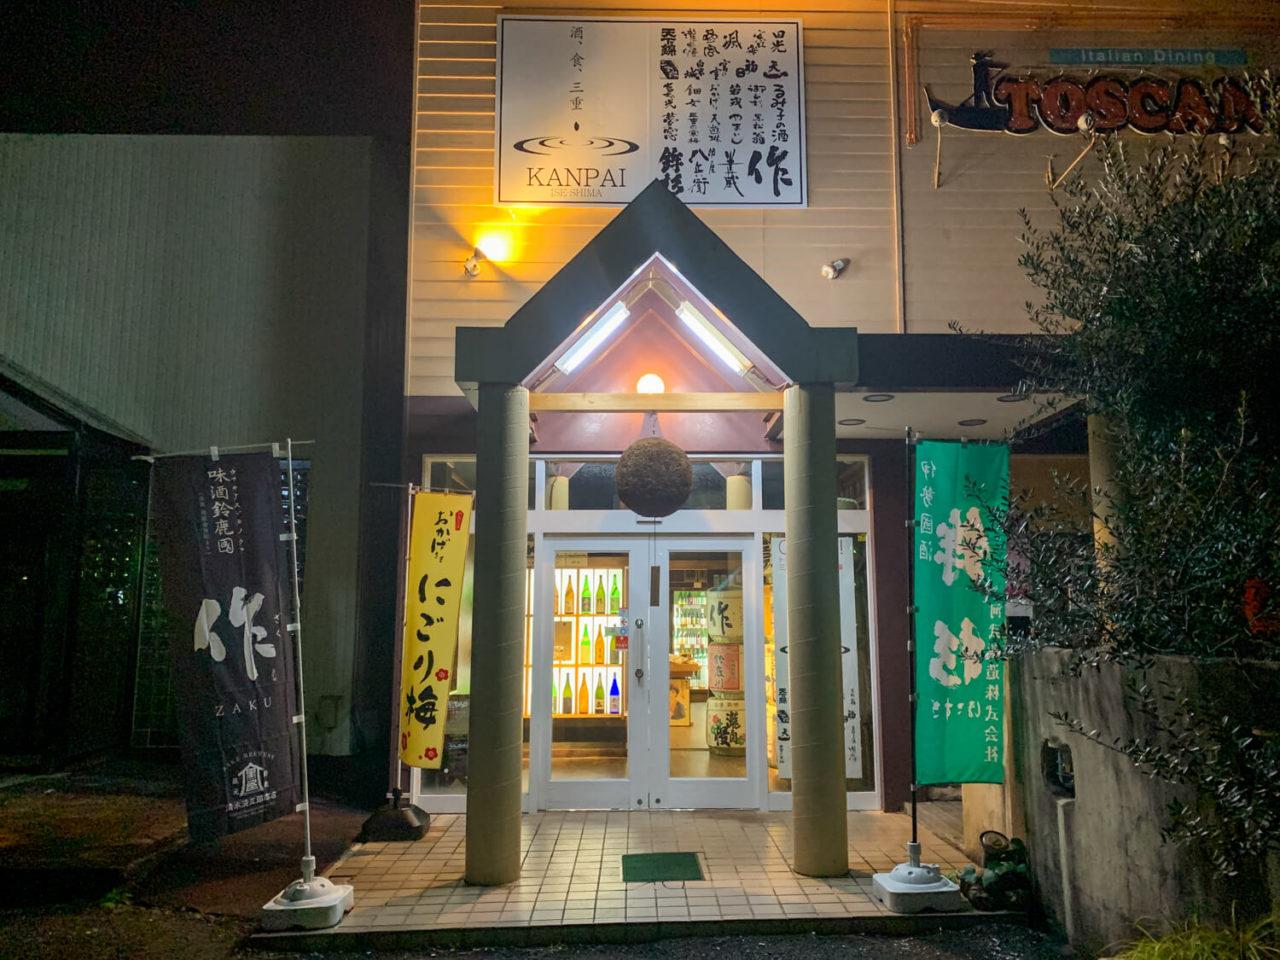 三重県志摩市のお土産にいかが?志摩×鈴鹿コラボ品 波切節のかつおあられ kanpaiishishima外観